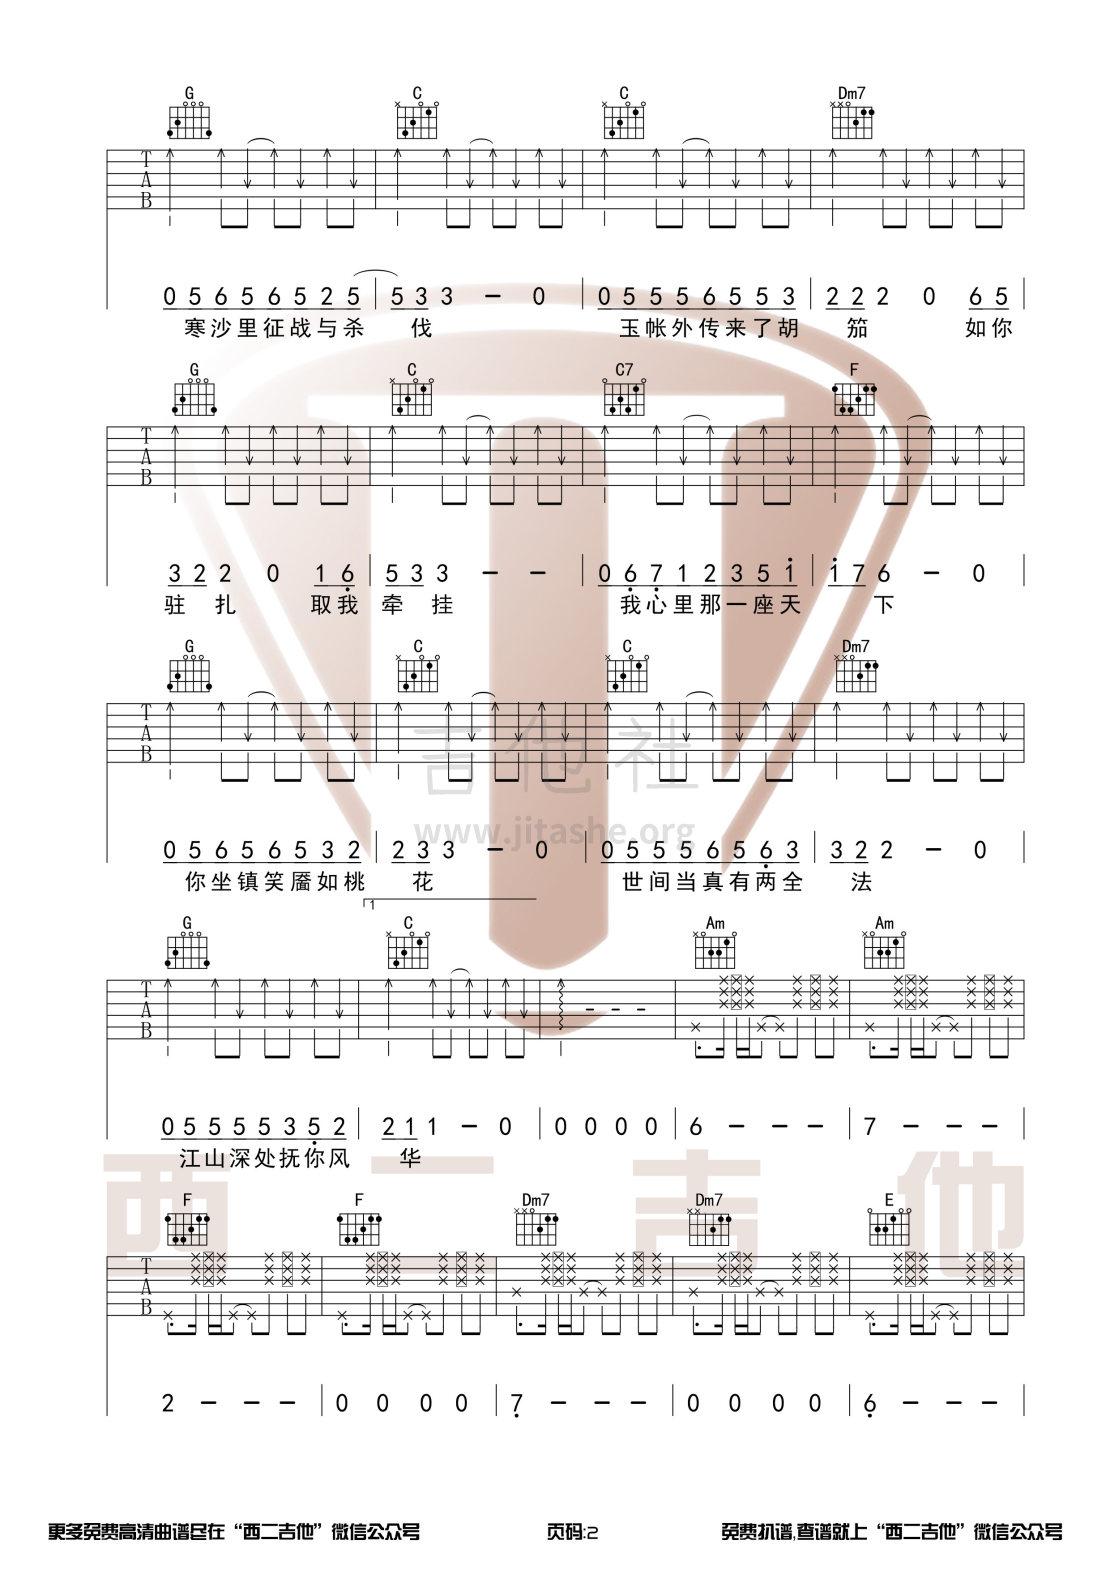 绝代风华(天下3十周年主题曲)吉他谱(图片谱,全网首发,原版伴奏,弹唱)_许嵩(Vae)_绝代风华2.jpg